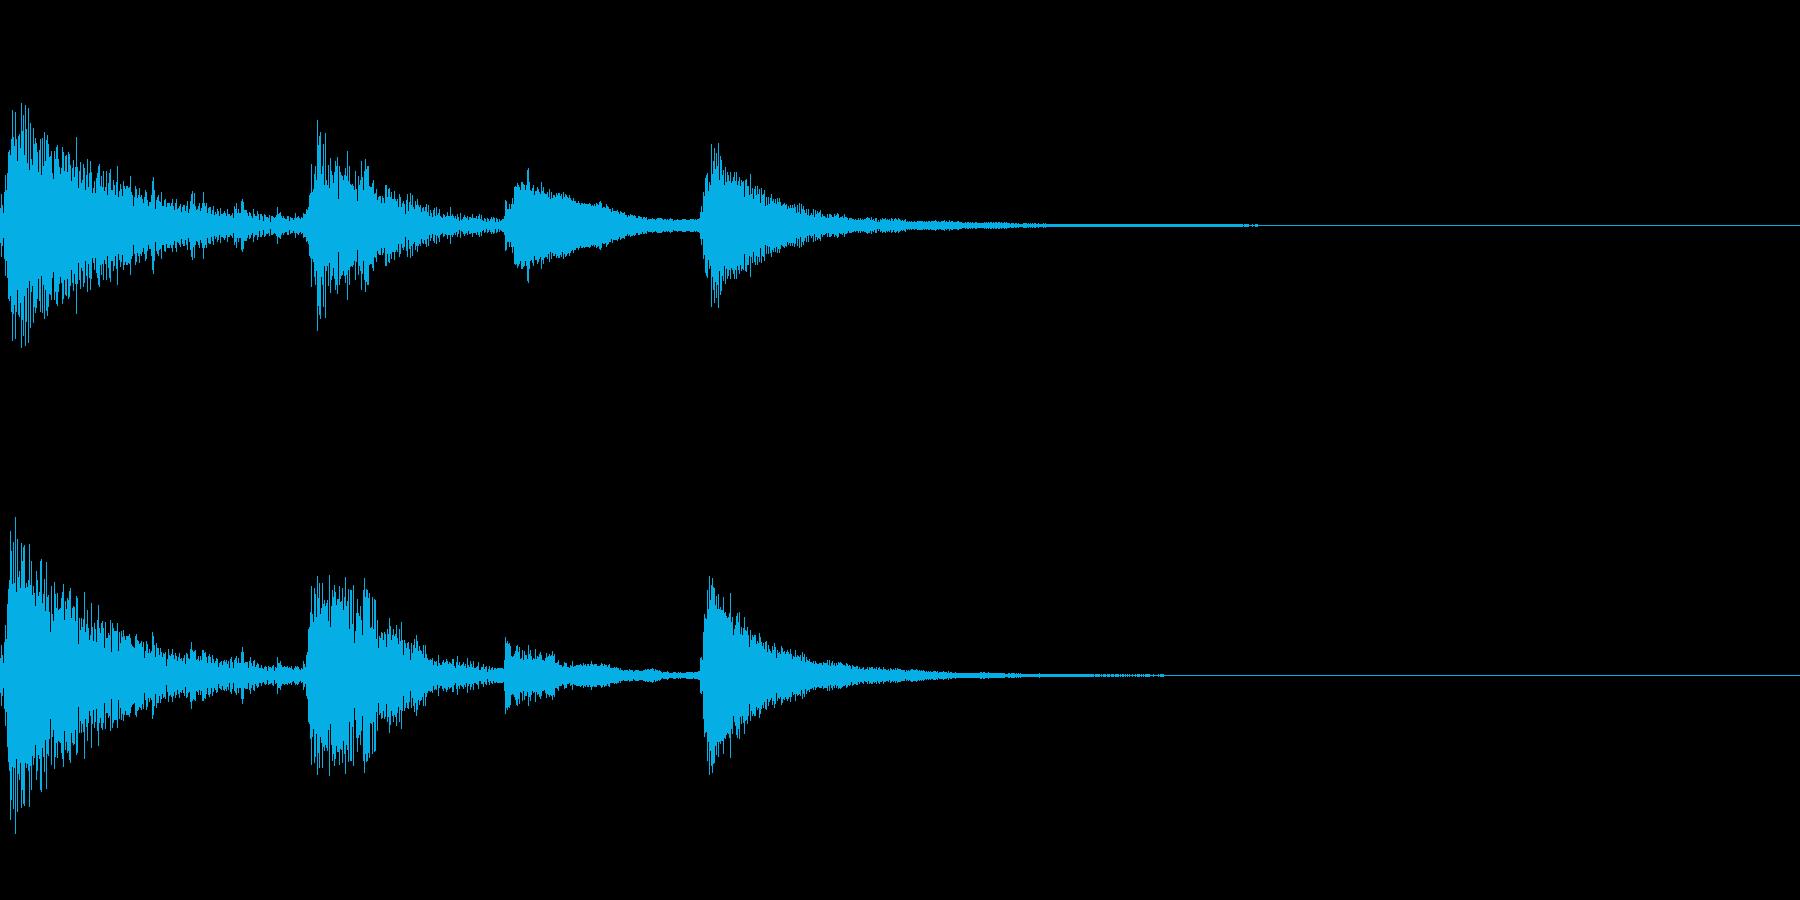 【ロゴ、ジングル】ピアノ05の再生済みの波形